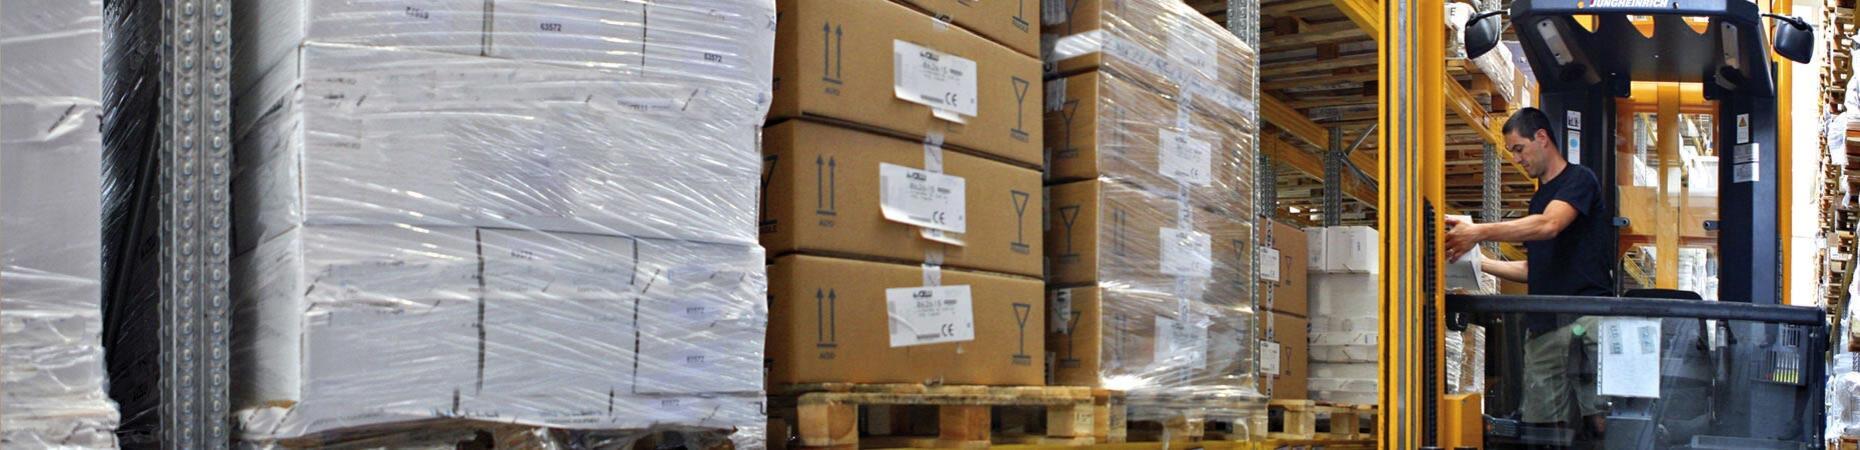 ecoservice-cesena it servizi-logistica-magazzino-cesena 005